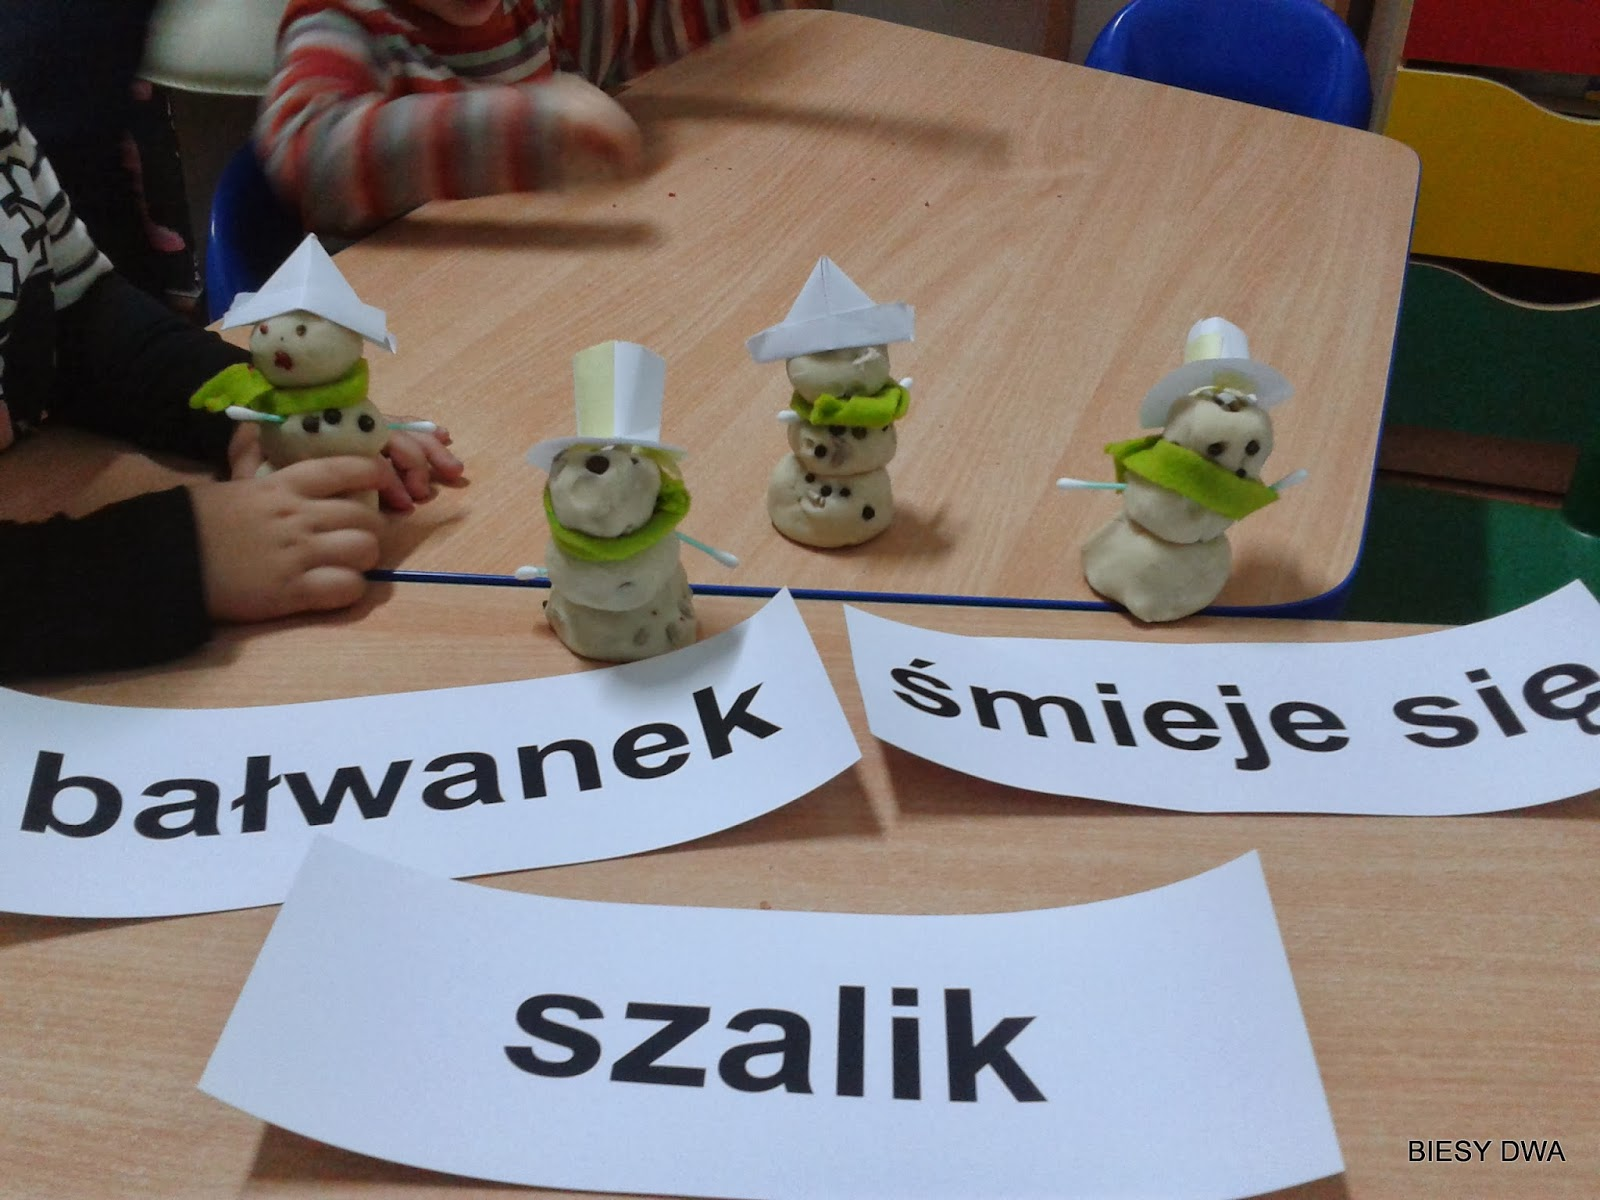 http://www.biesydwa.pl/2014/02/czytanie-globalne-lekcja-16.html